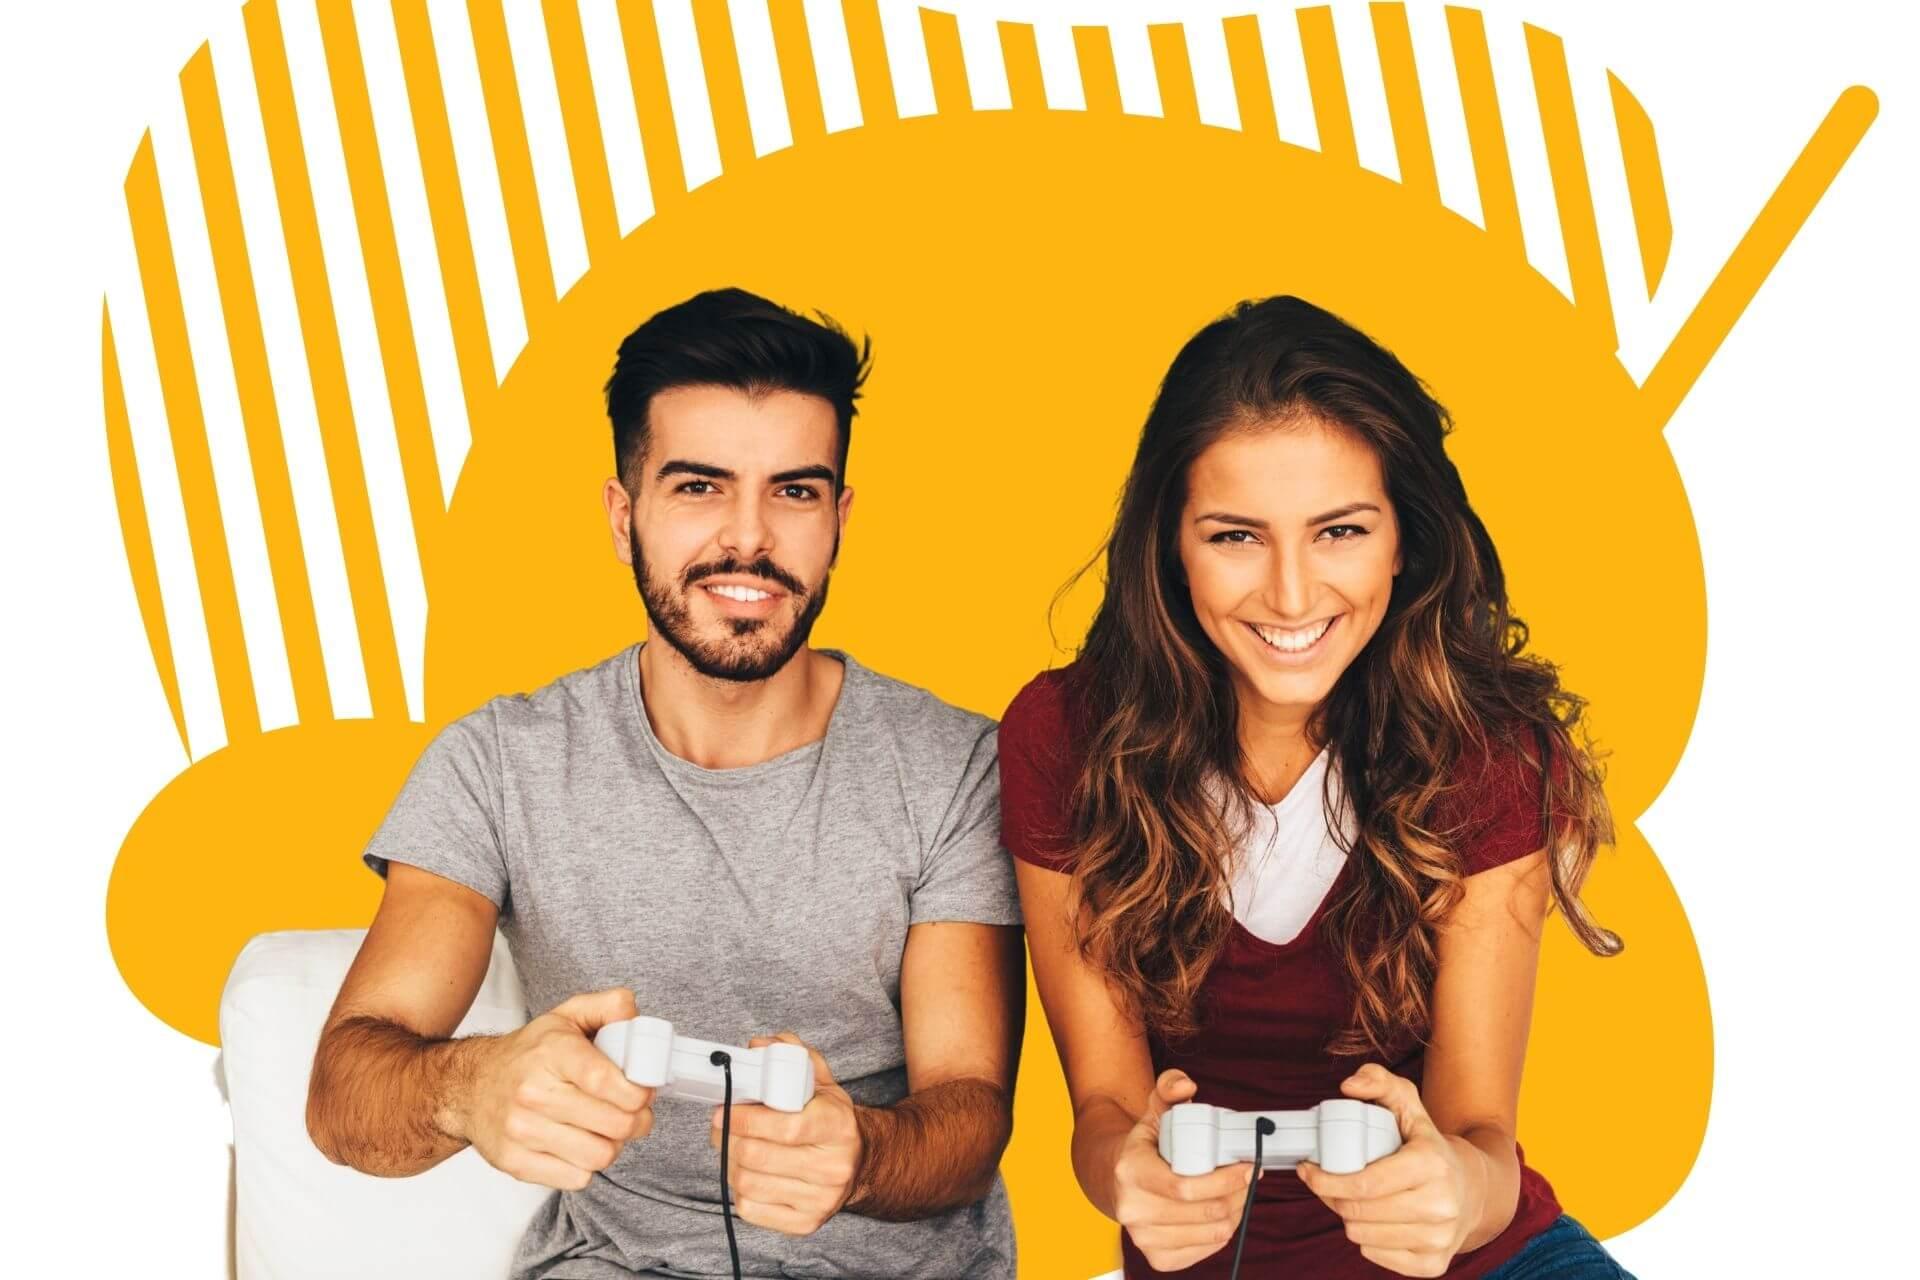 la gamification est-elle une forme de social learning ?